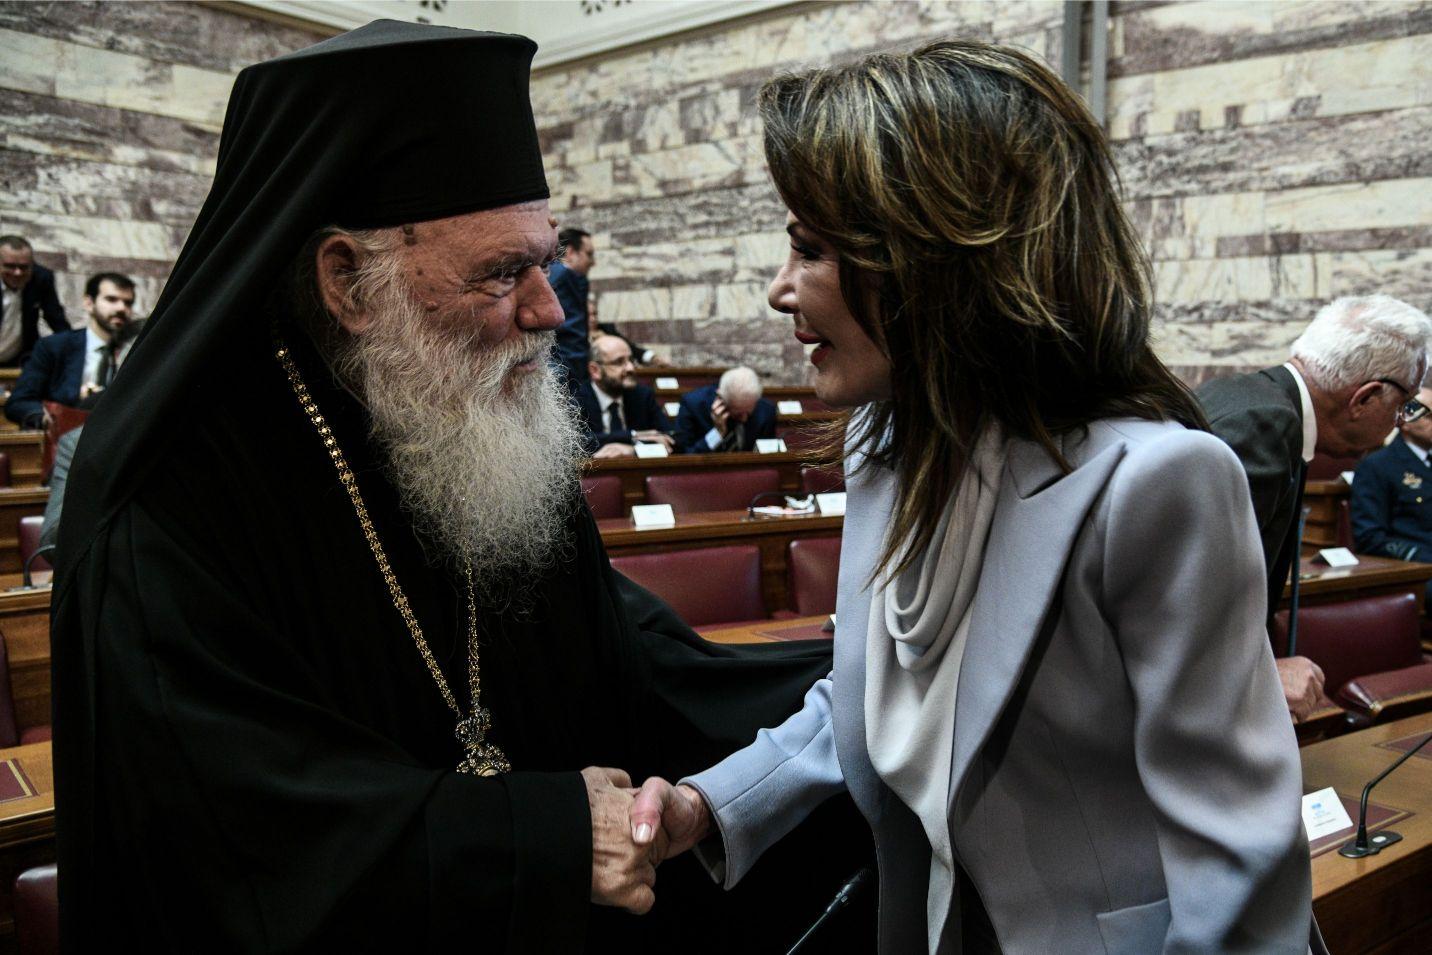 Χειραψία του Αρχιεπισκόπου Ιερώνυμου με την Γιάννα Αγγελοπούλου